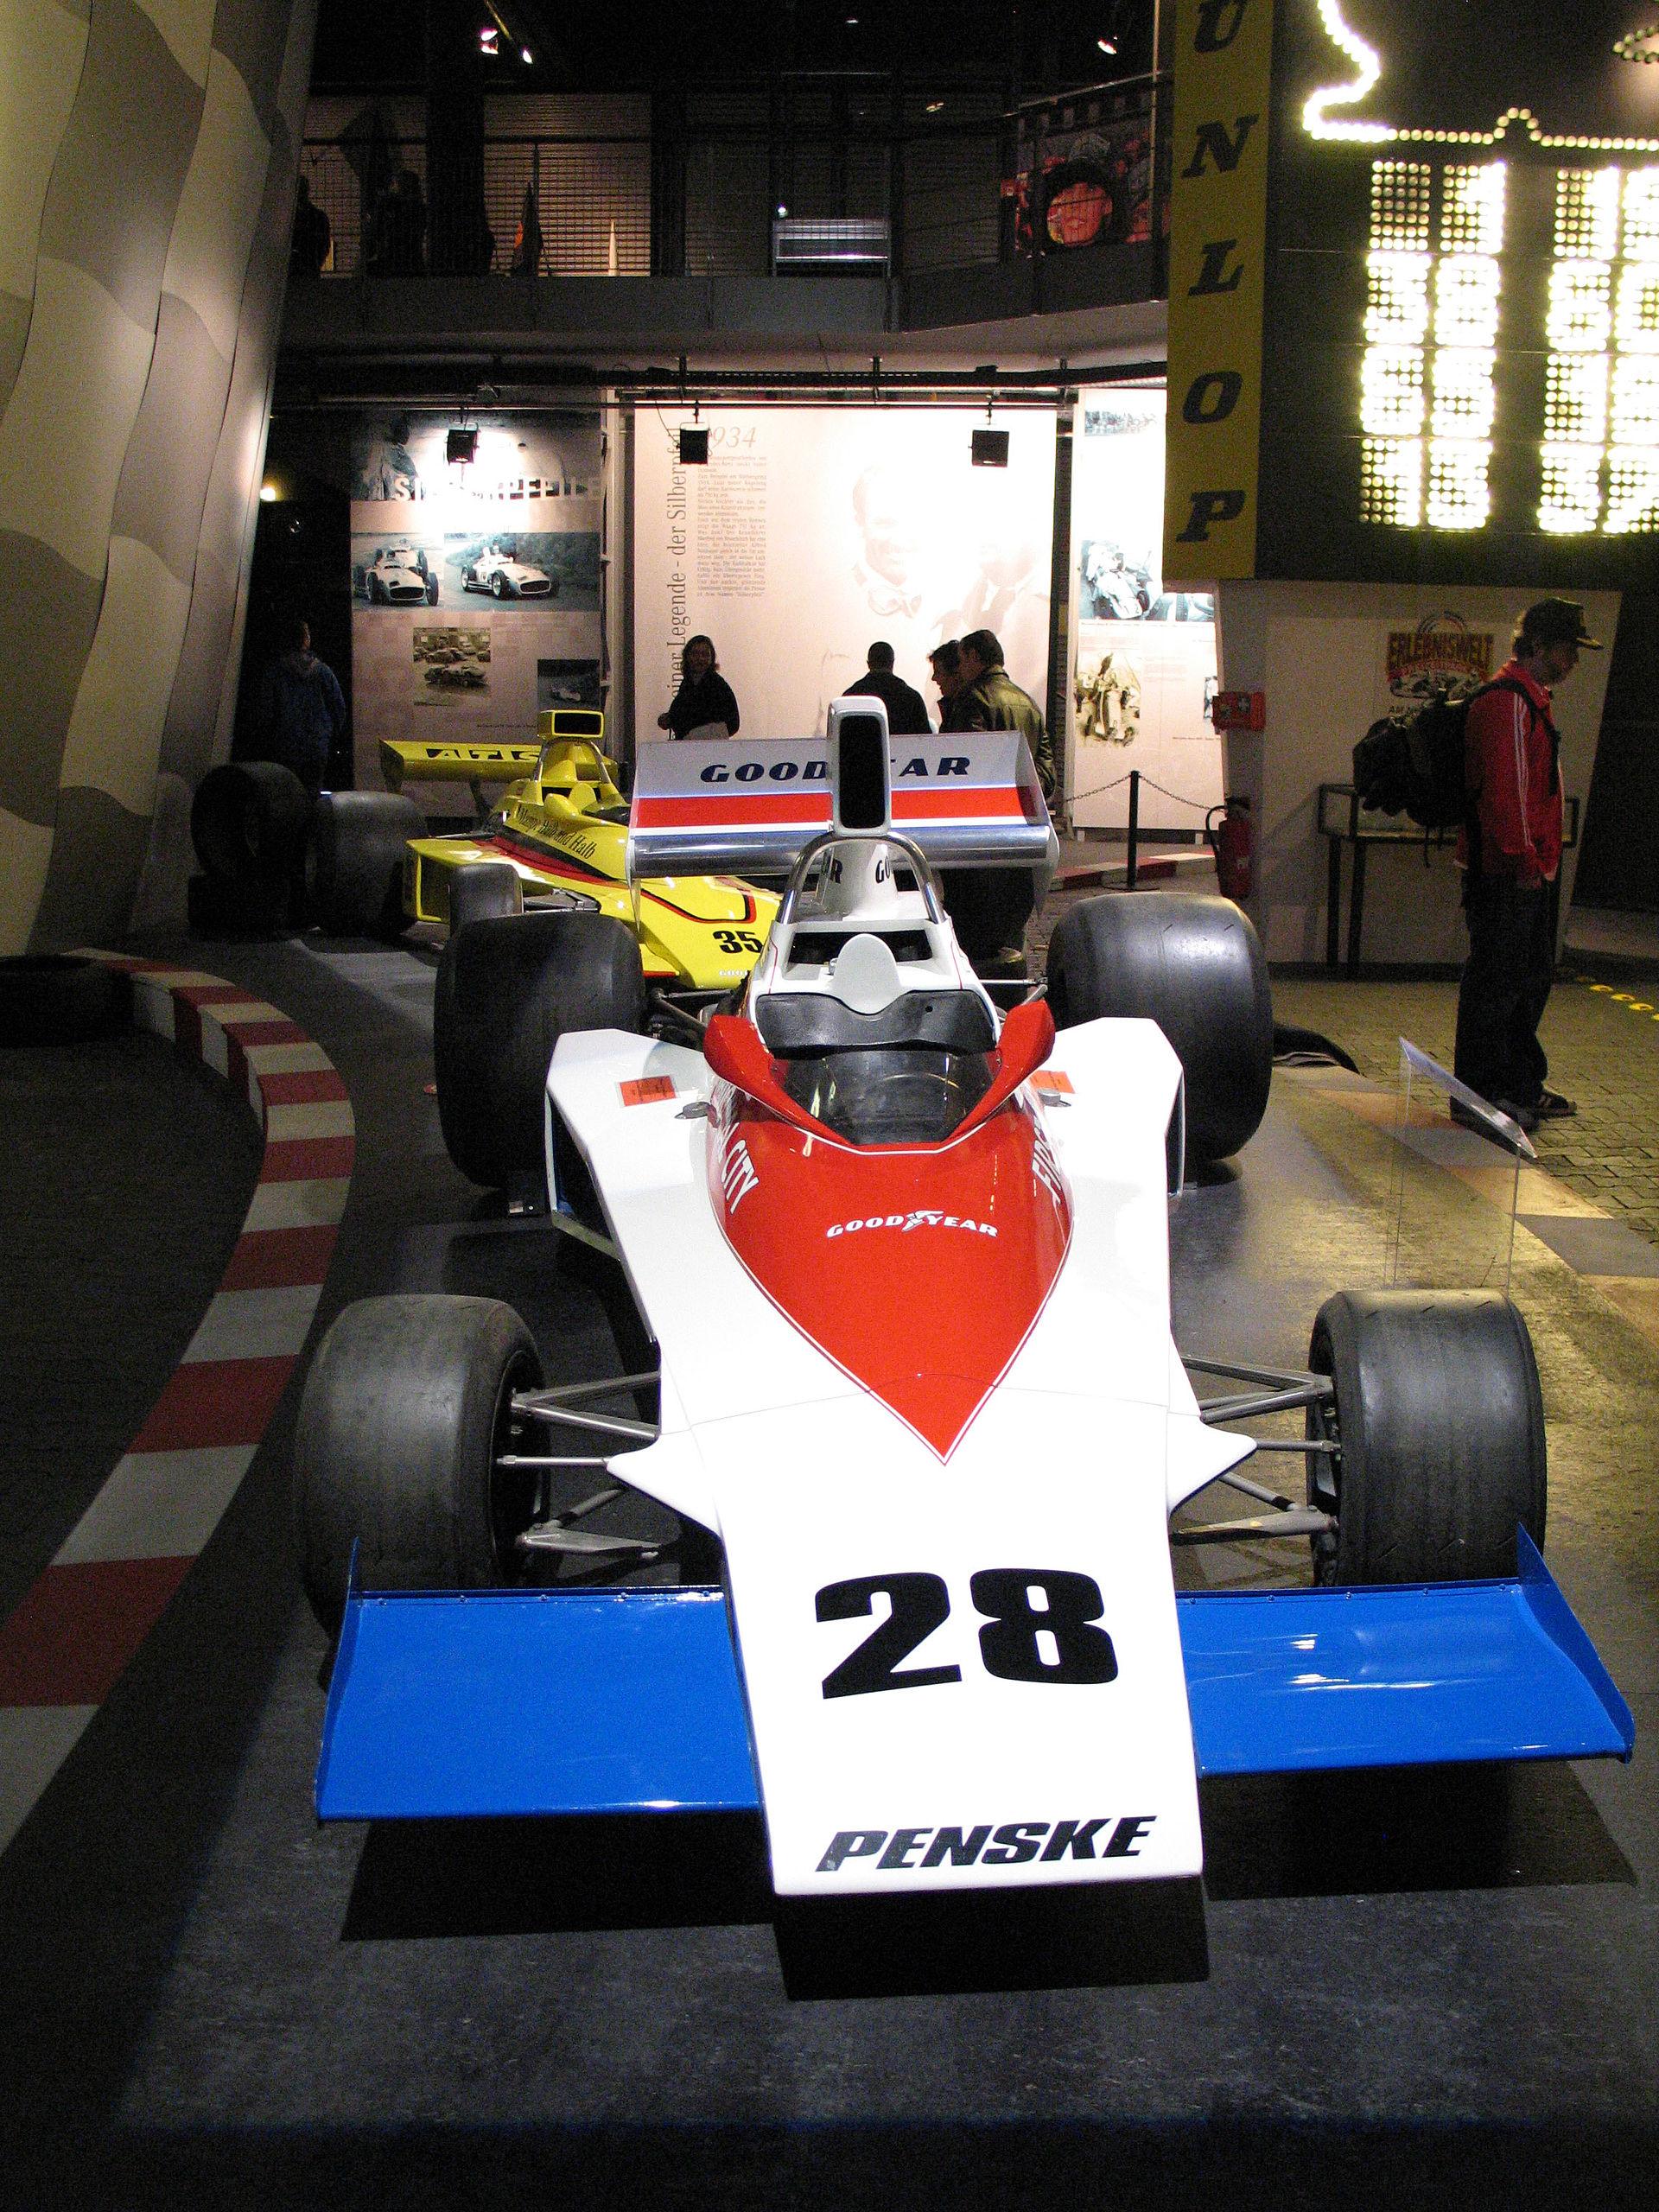 Penske Racing Formel 1 Wikipedia